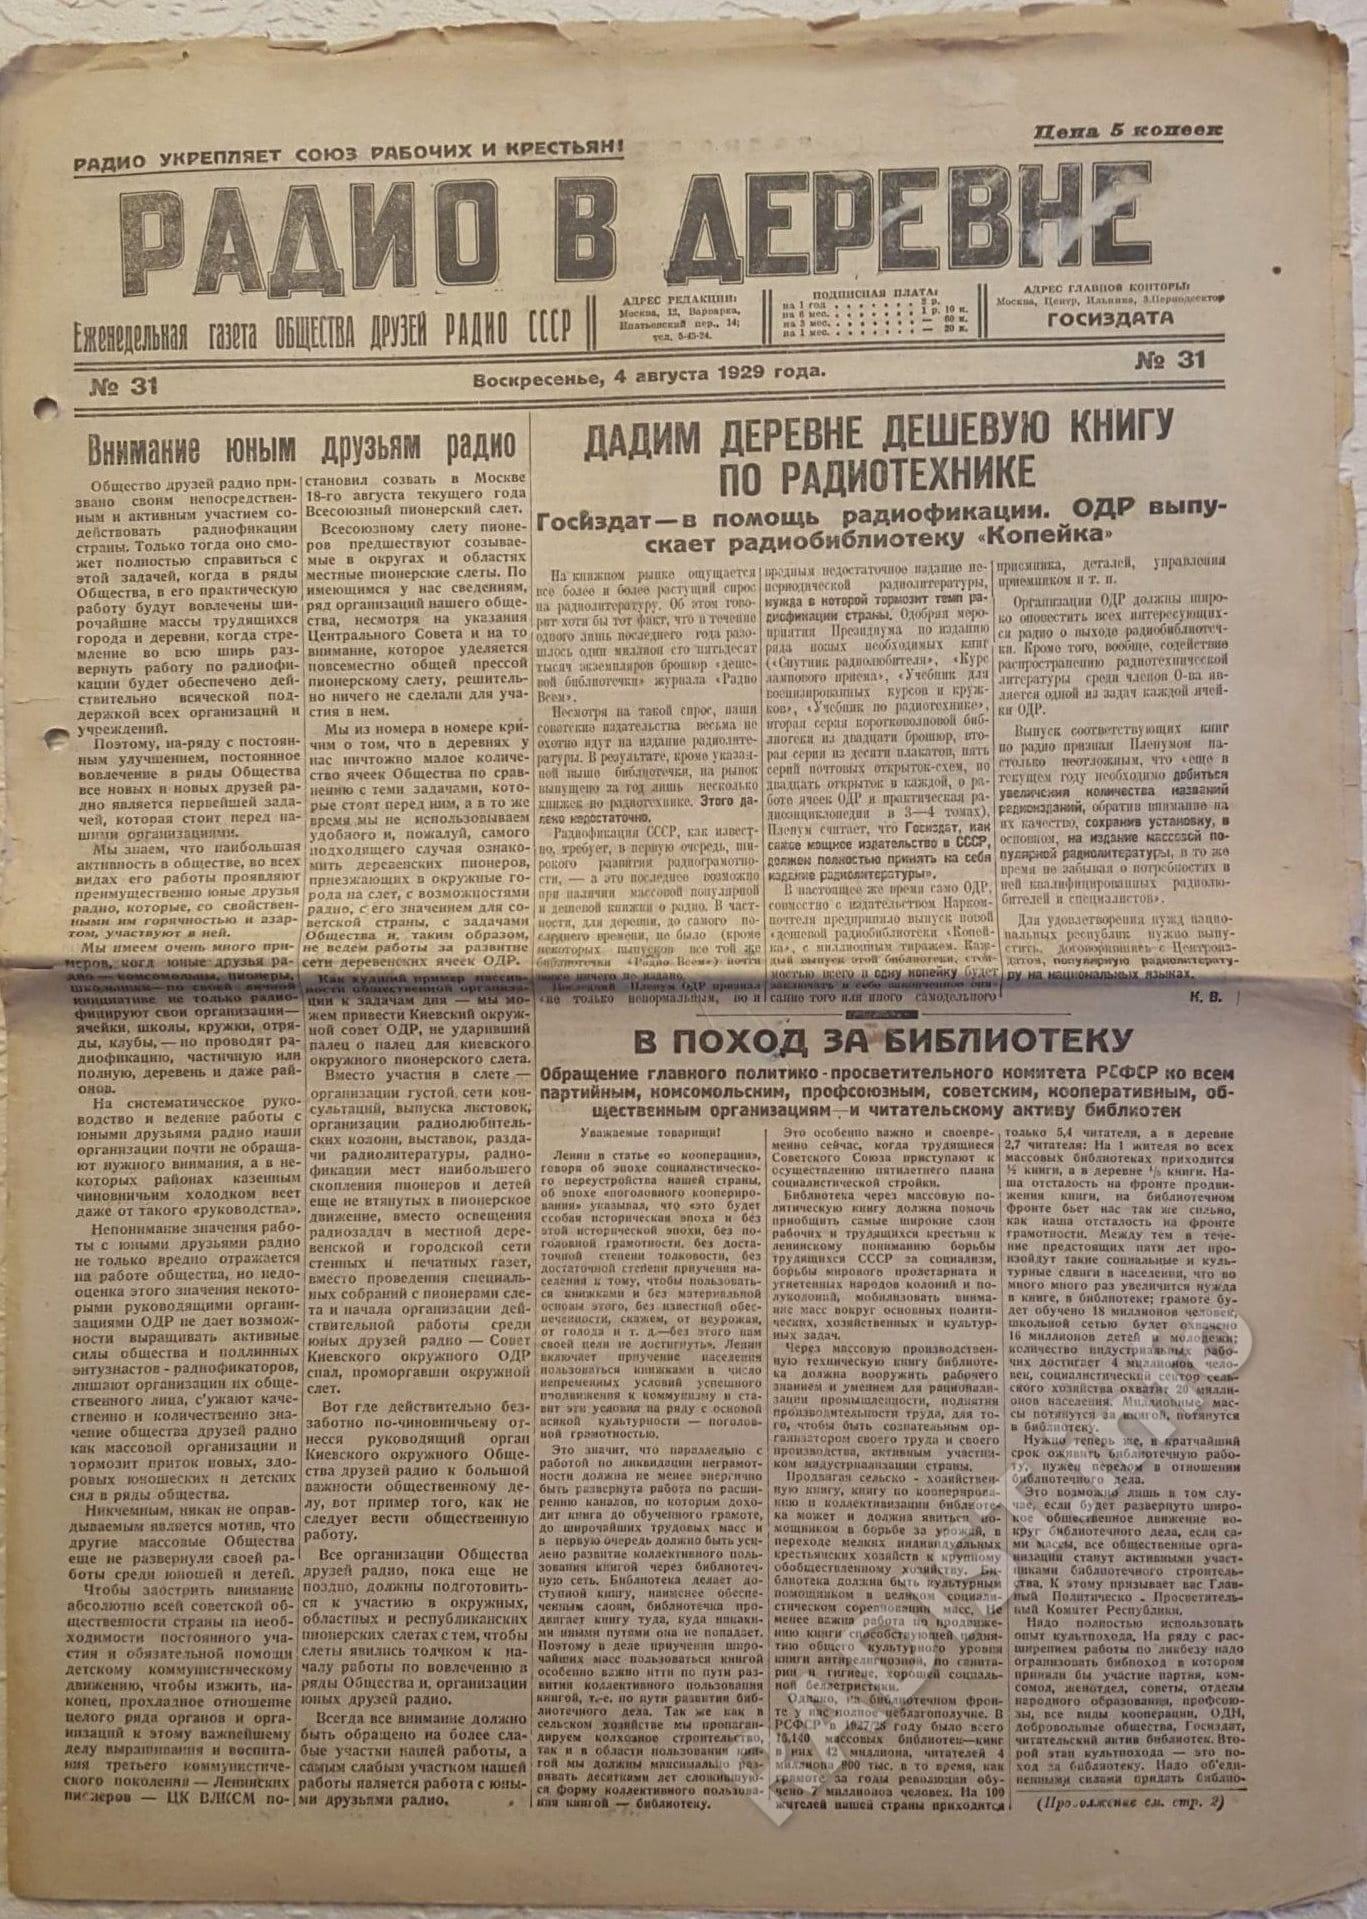 Обложка газеты Общества друзей радио СССР «Радио в деревне», 31-й выпуск, 4 августа 1929 г